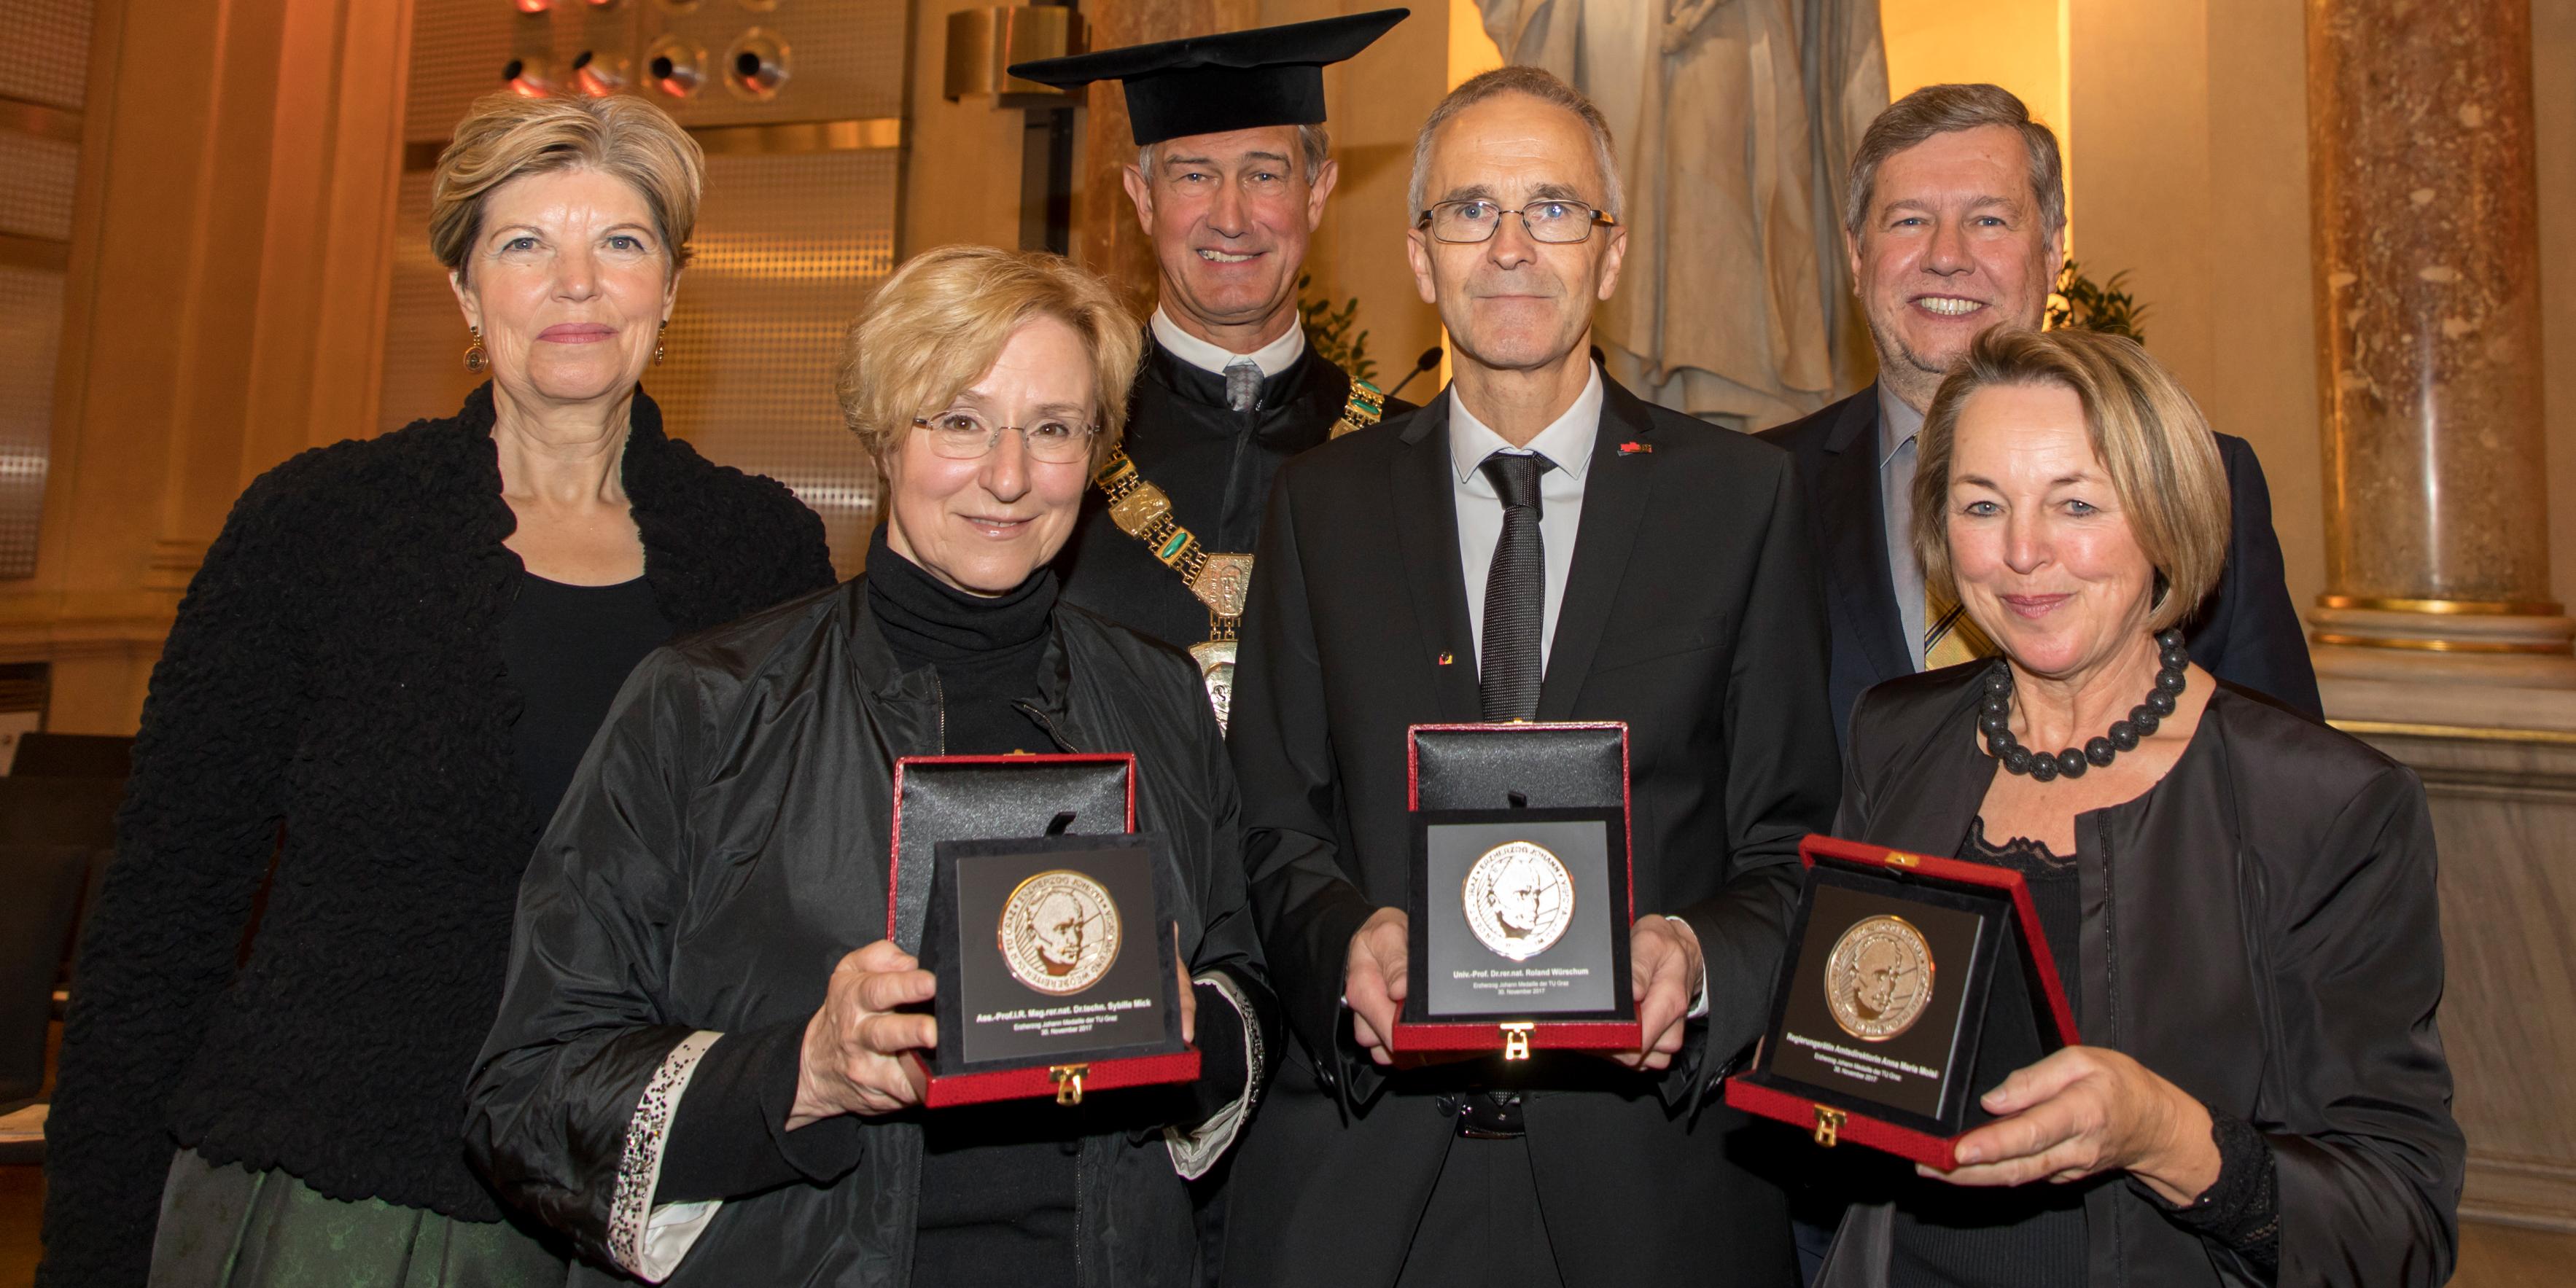 Von links nach rechts: Vorsitzende des Universitätsrates Karin Schaupp, Sybille Mick, Rektor Harald Kainz, Roland Würschum, Senatsvorsitzender Gernot Kubin und Anna Maria Moisi bei der Verleihung der Erzherzog-Johann-Medaillen in der Aula der TU Graz.